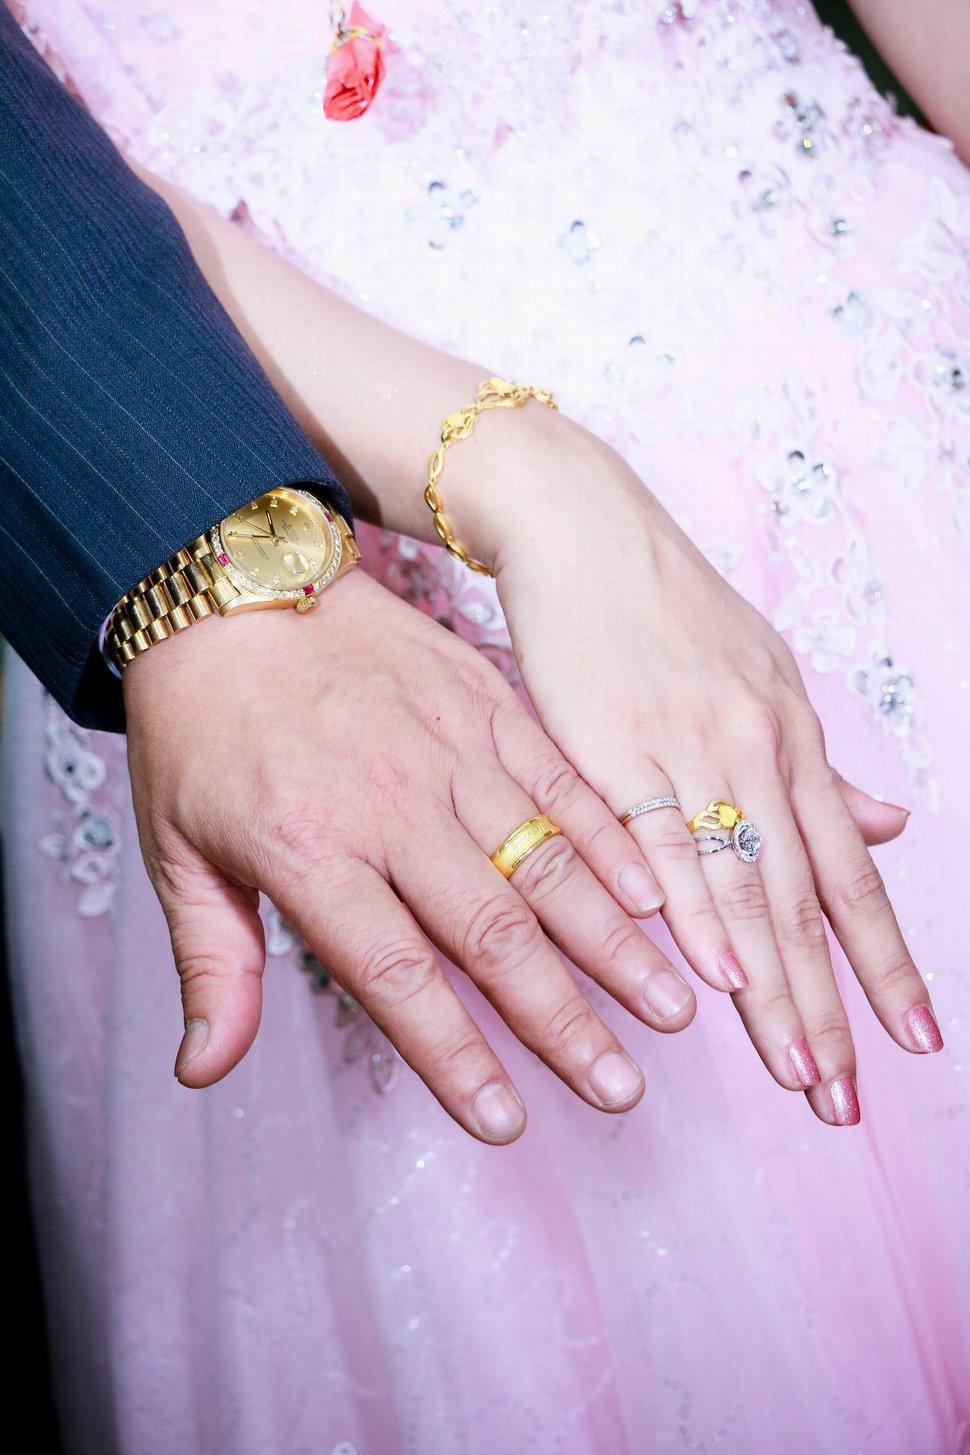 板橋吉立定結餐廳迎娶文定婚禮記錄結婚迎娶婚禮攝影動態微電影錄影專業錄影平面攝影影婚禮主持人(編號:196931) - 蜜月拍照10800錄影12800攝影團隊 - 結婚吧